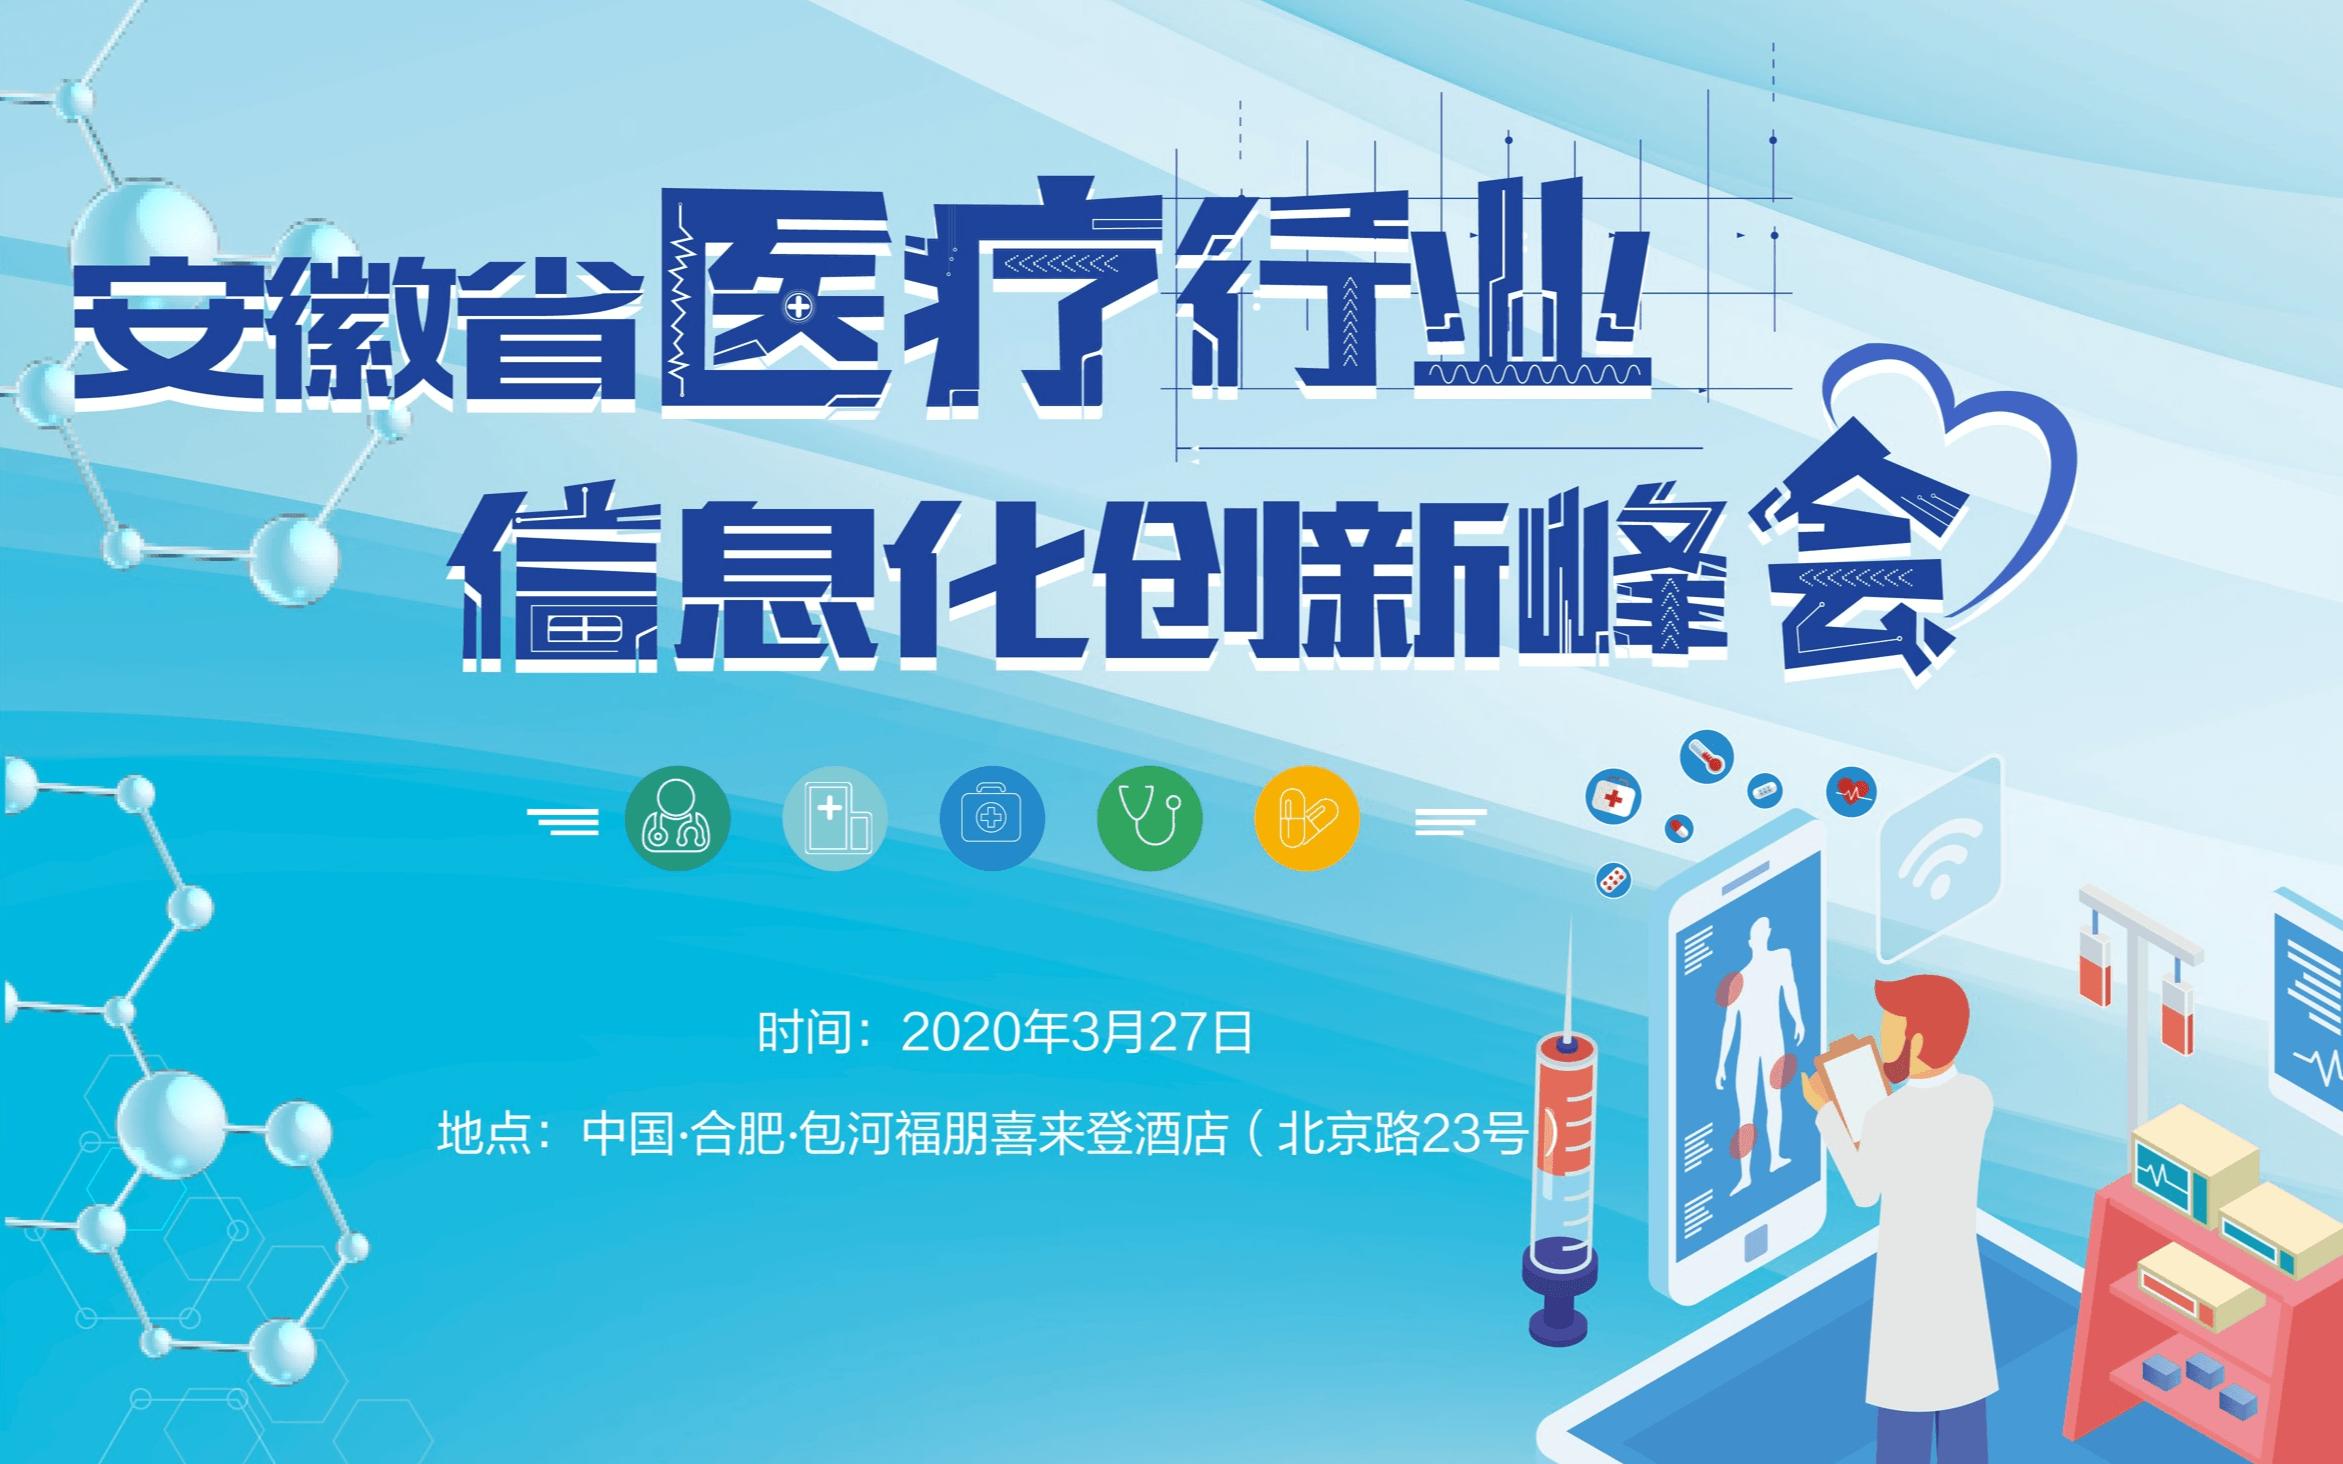 2020安徽省醫療行業信息化創新峰會(合肥)